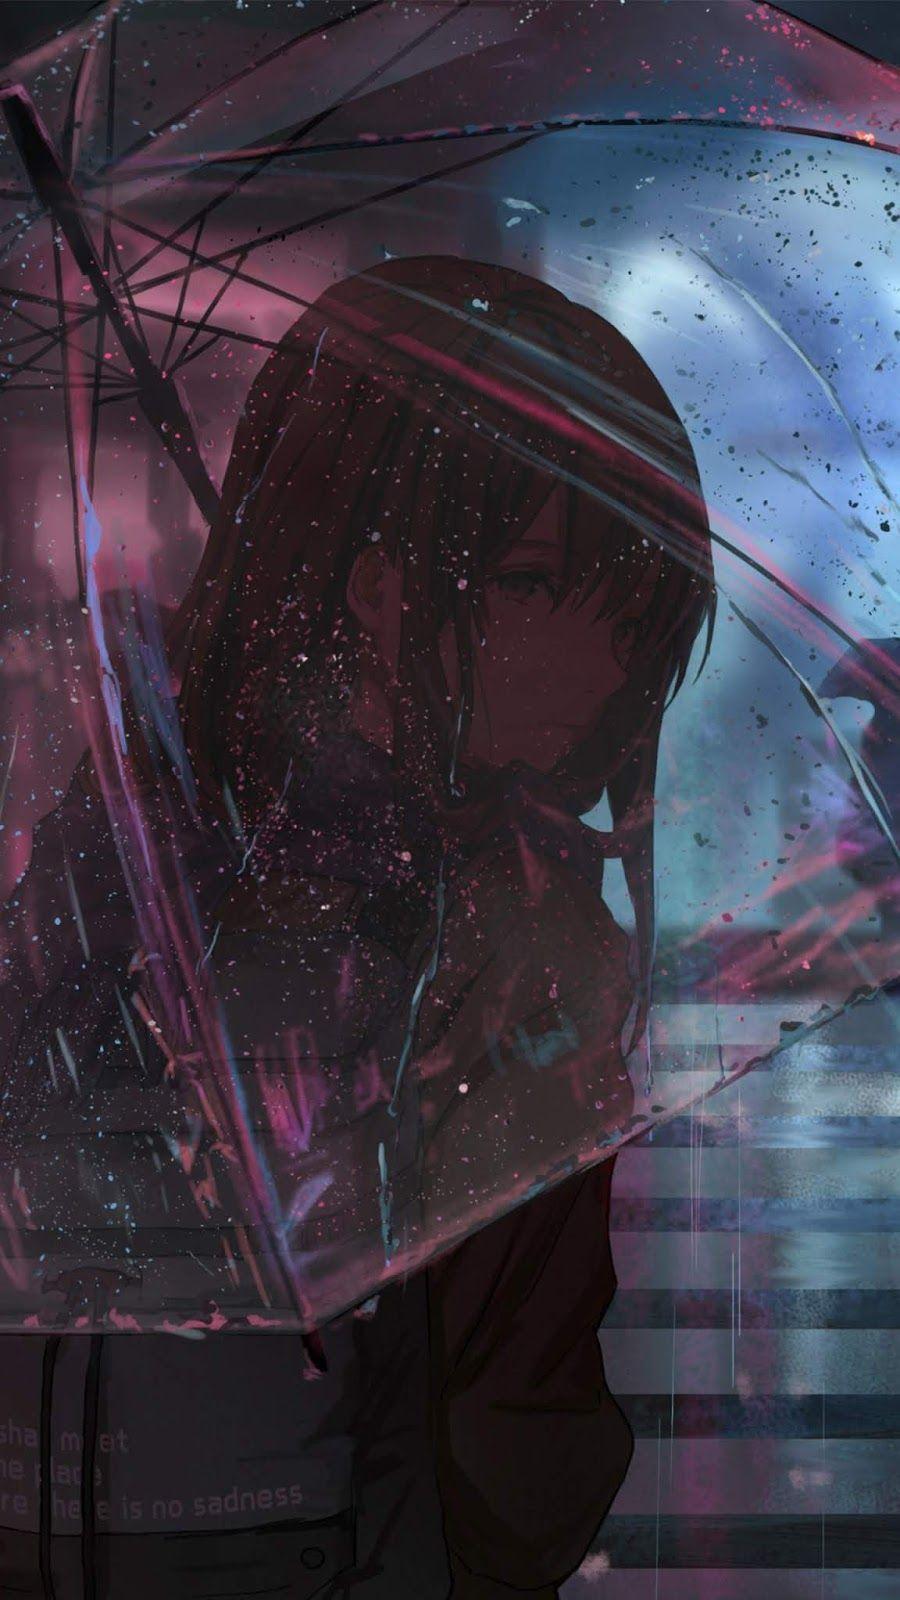 Neste post de hoje, reunimos alguns dos melhores anime wallpapers em hd e 4k, para o ventilador em você. Pin em bj